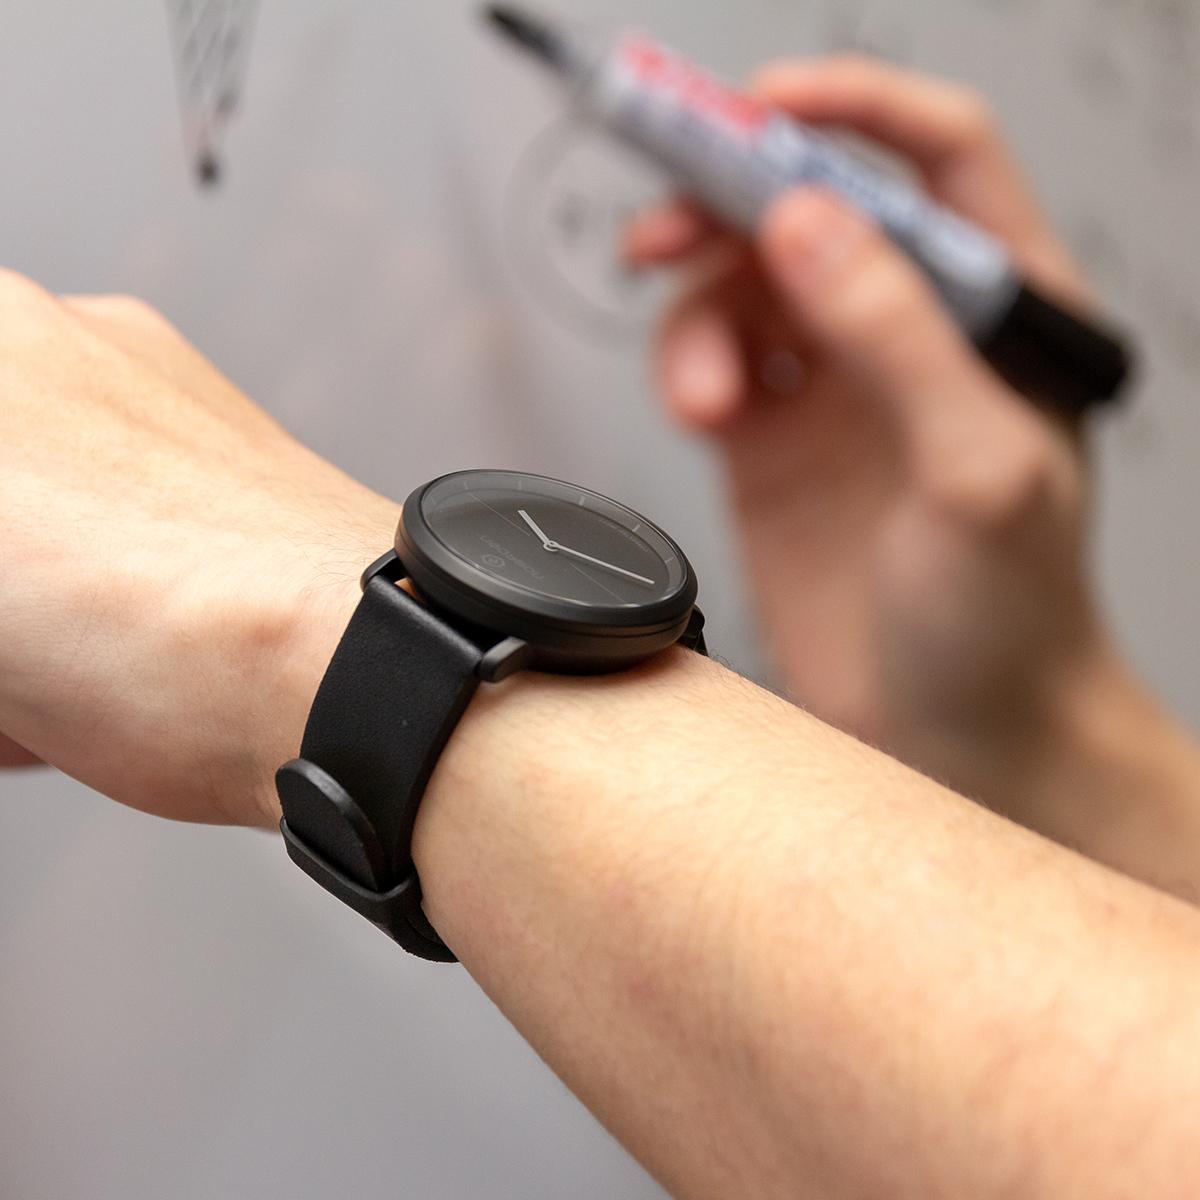 24時間、あなたの活動量も睡眠も見守ってくれるスマートウォッチ|noerden(レザーストラップ)